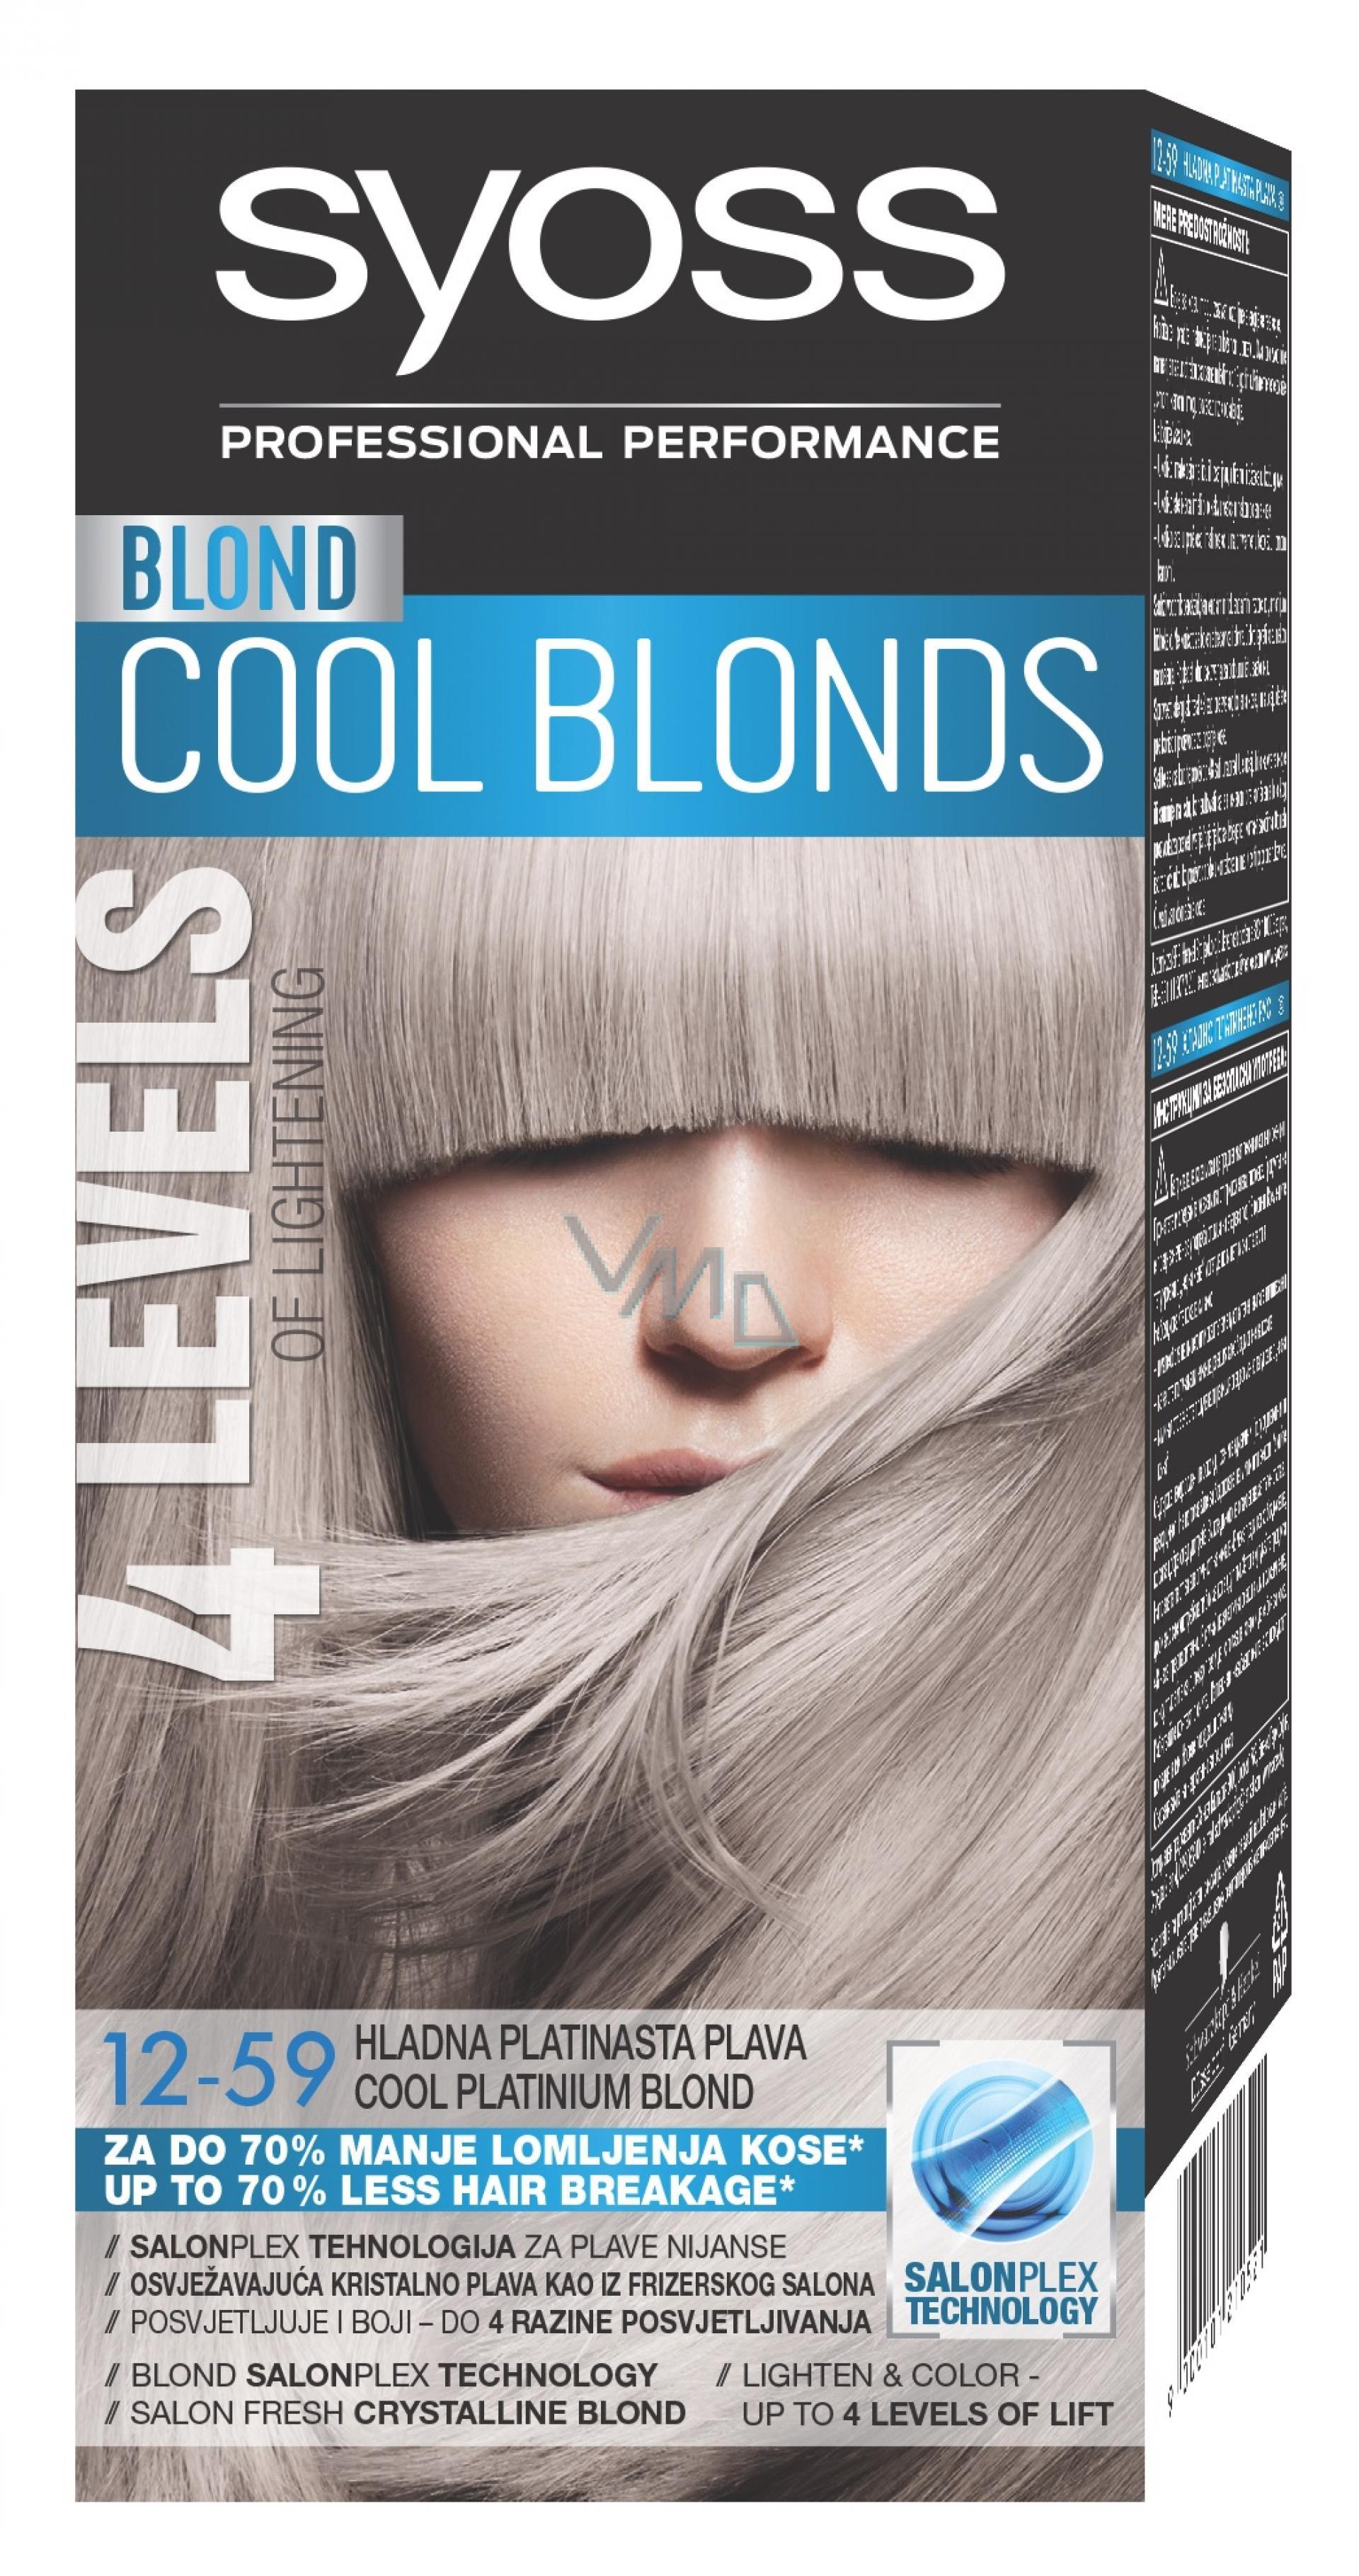 Syoss Blond Cool Blonds barva na vlasy 12-59 Chladná platinová blond 50 ml ee65bff6252